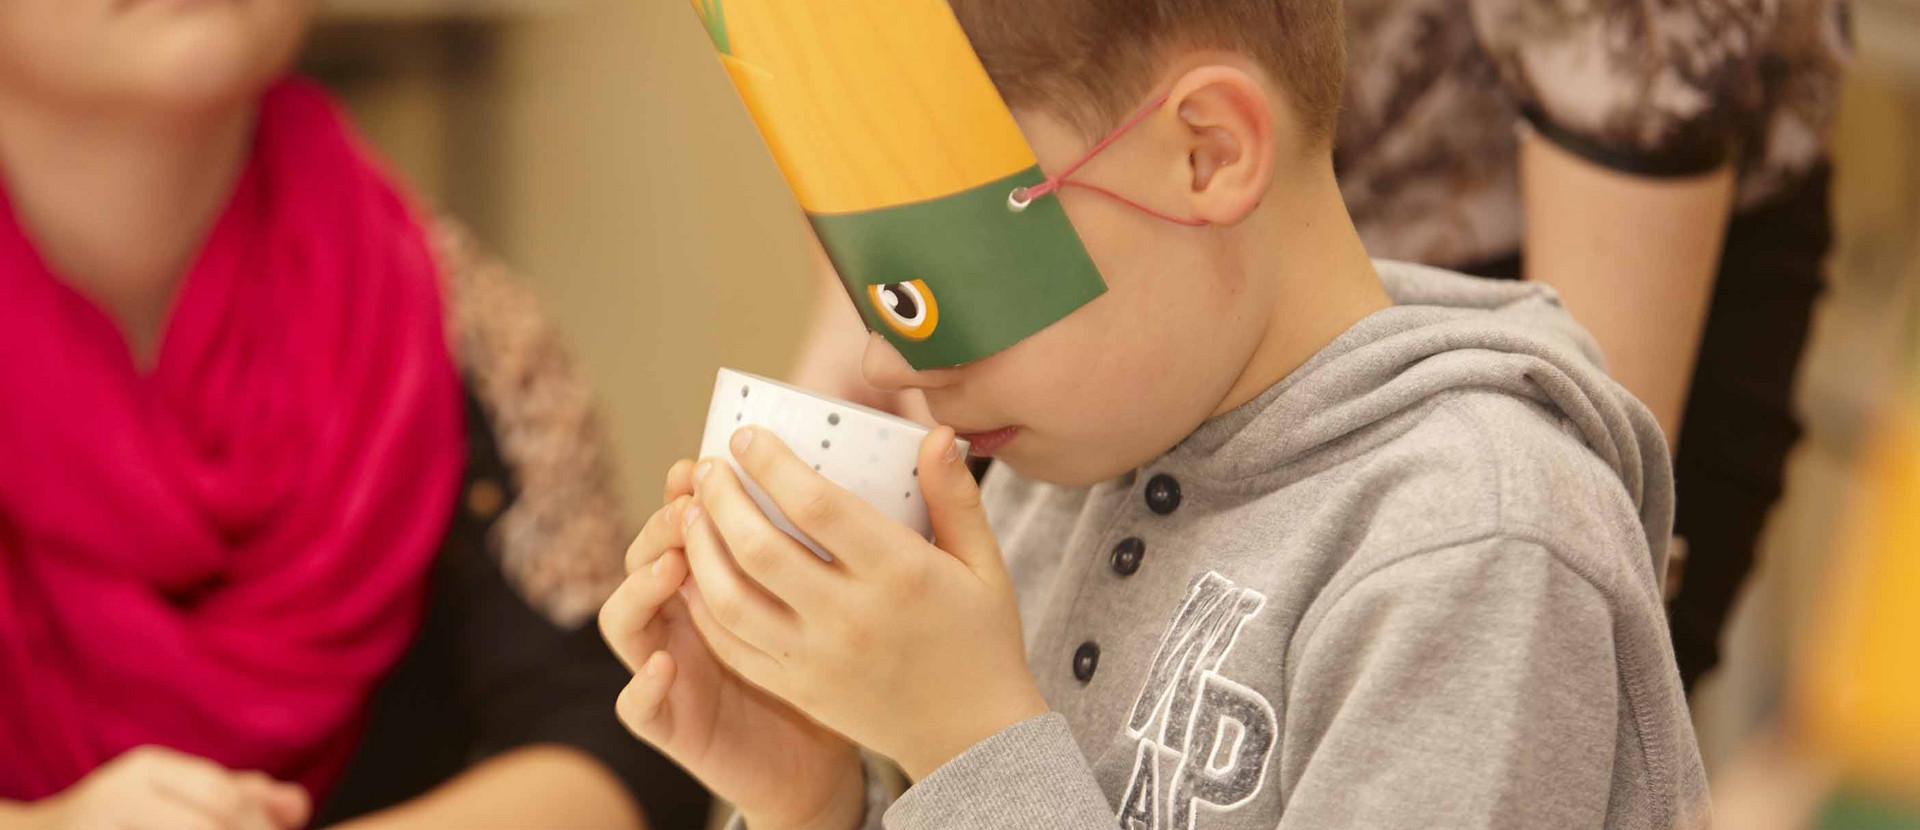 Junge mit Maske riecht an Lebensmitteln in einer Tasse